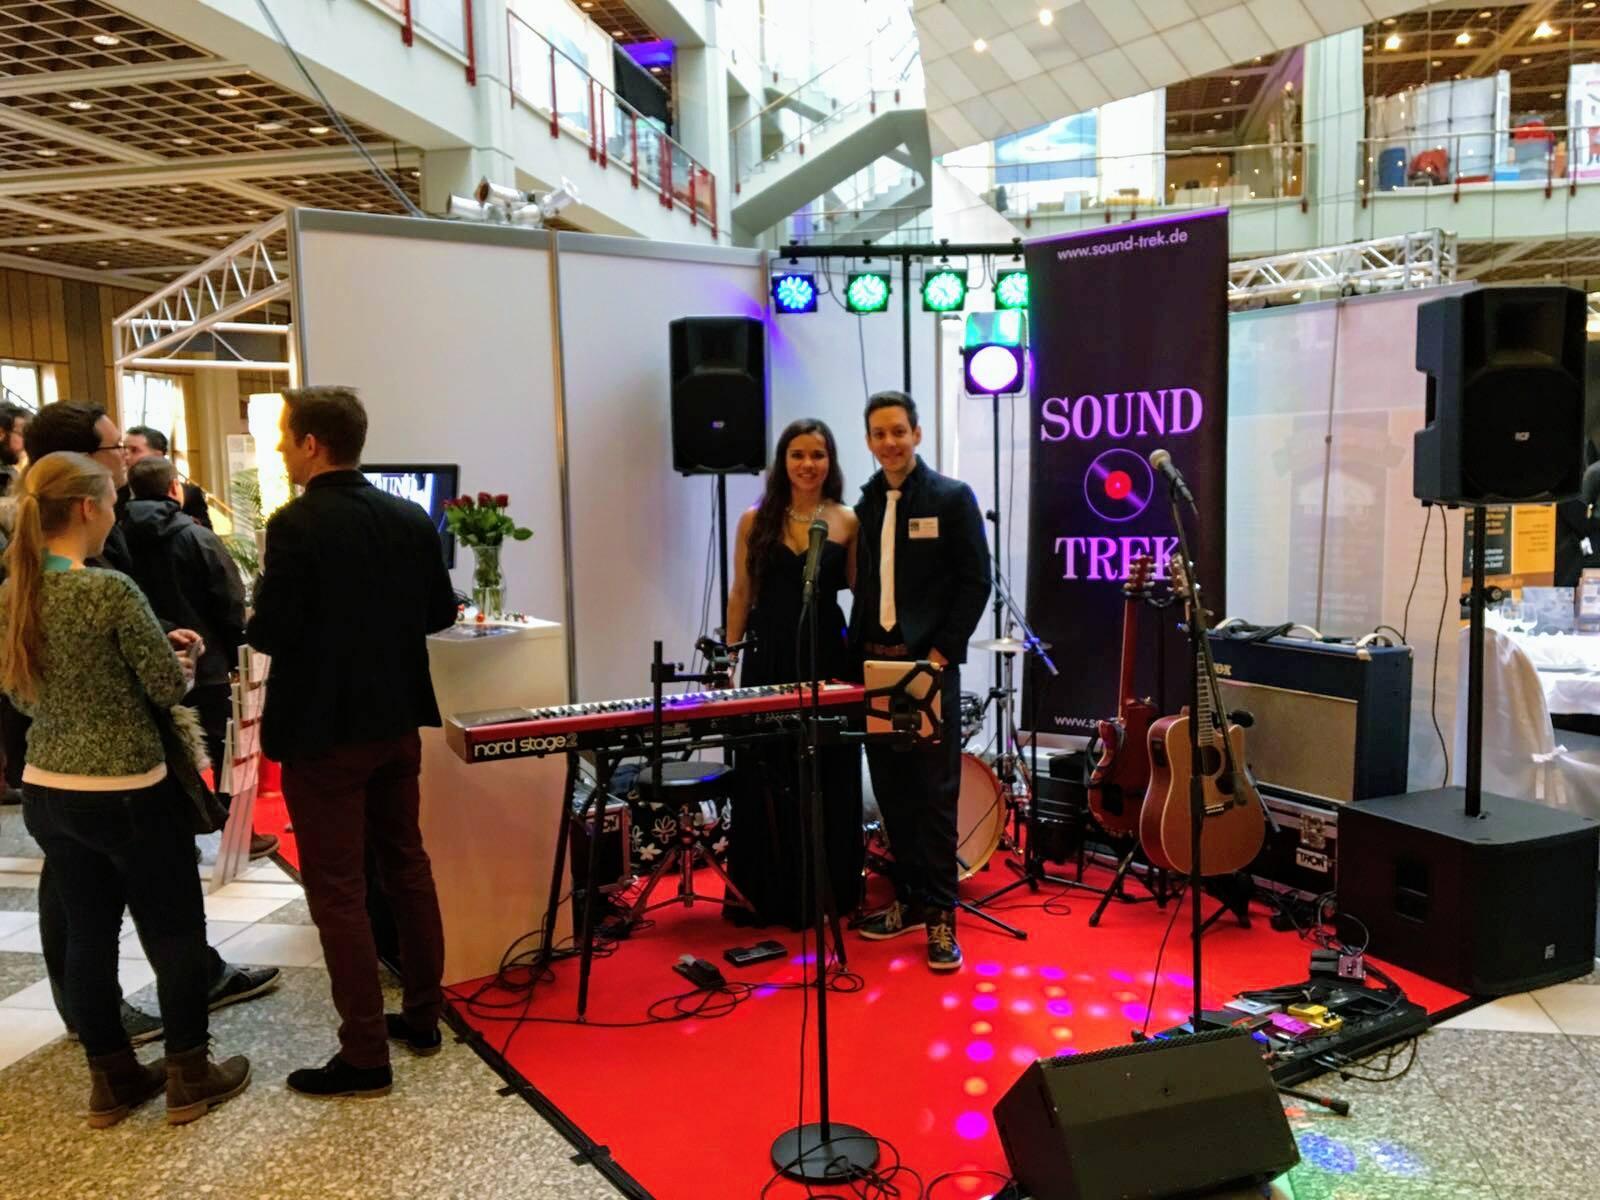 Sound Trek Saison Coverband Hochzeitsband Karlsruher Festtage